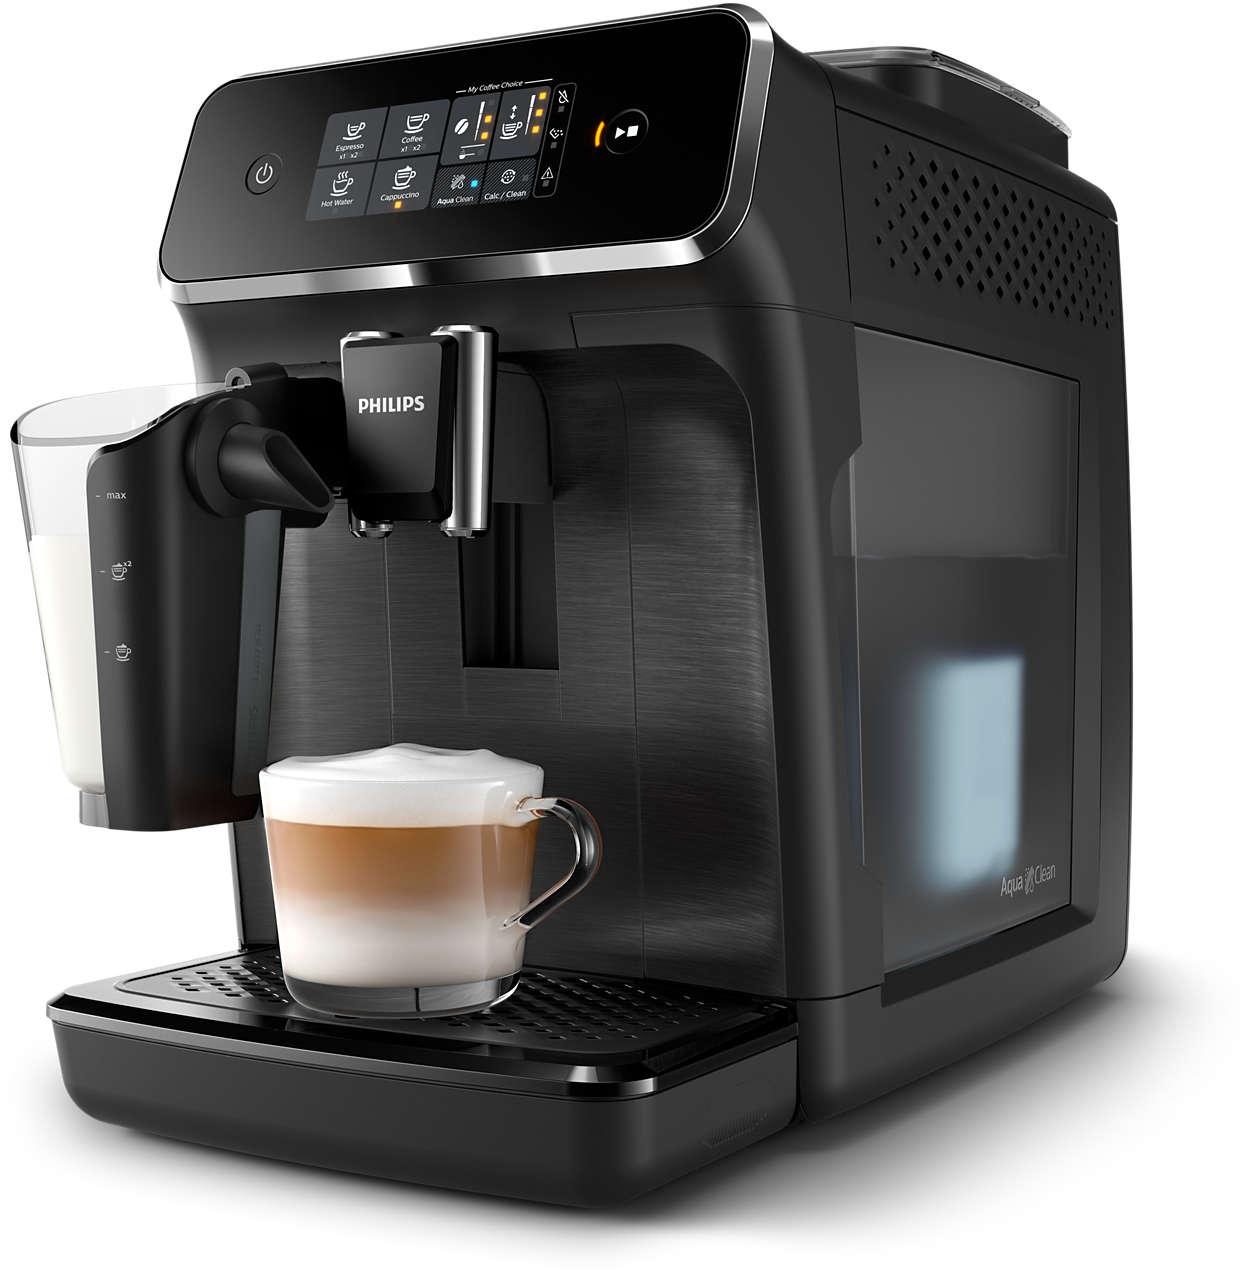 Automatyczny ekspres do kawy Philips 2200 LatteGo EP2230/10 w super cenie